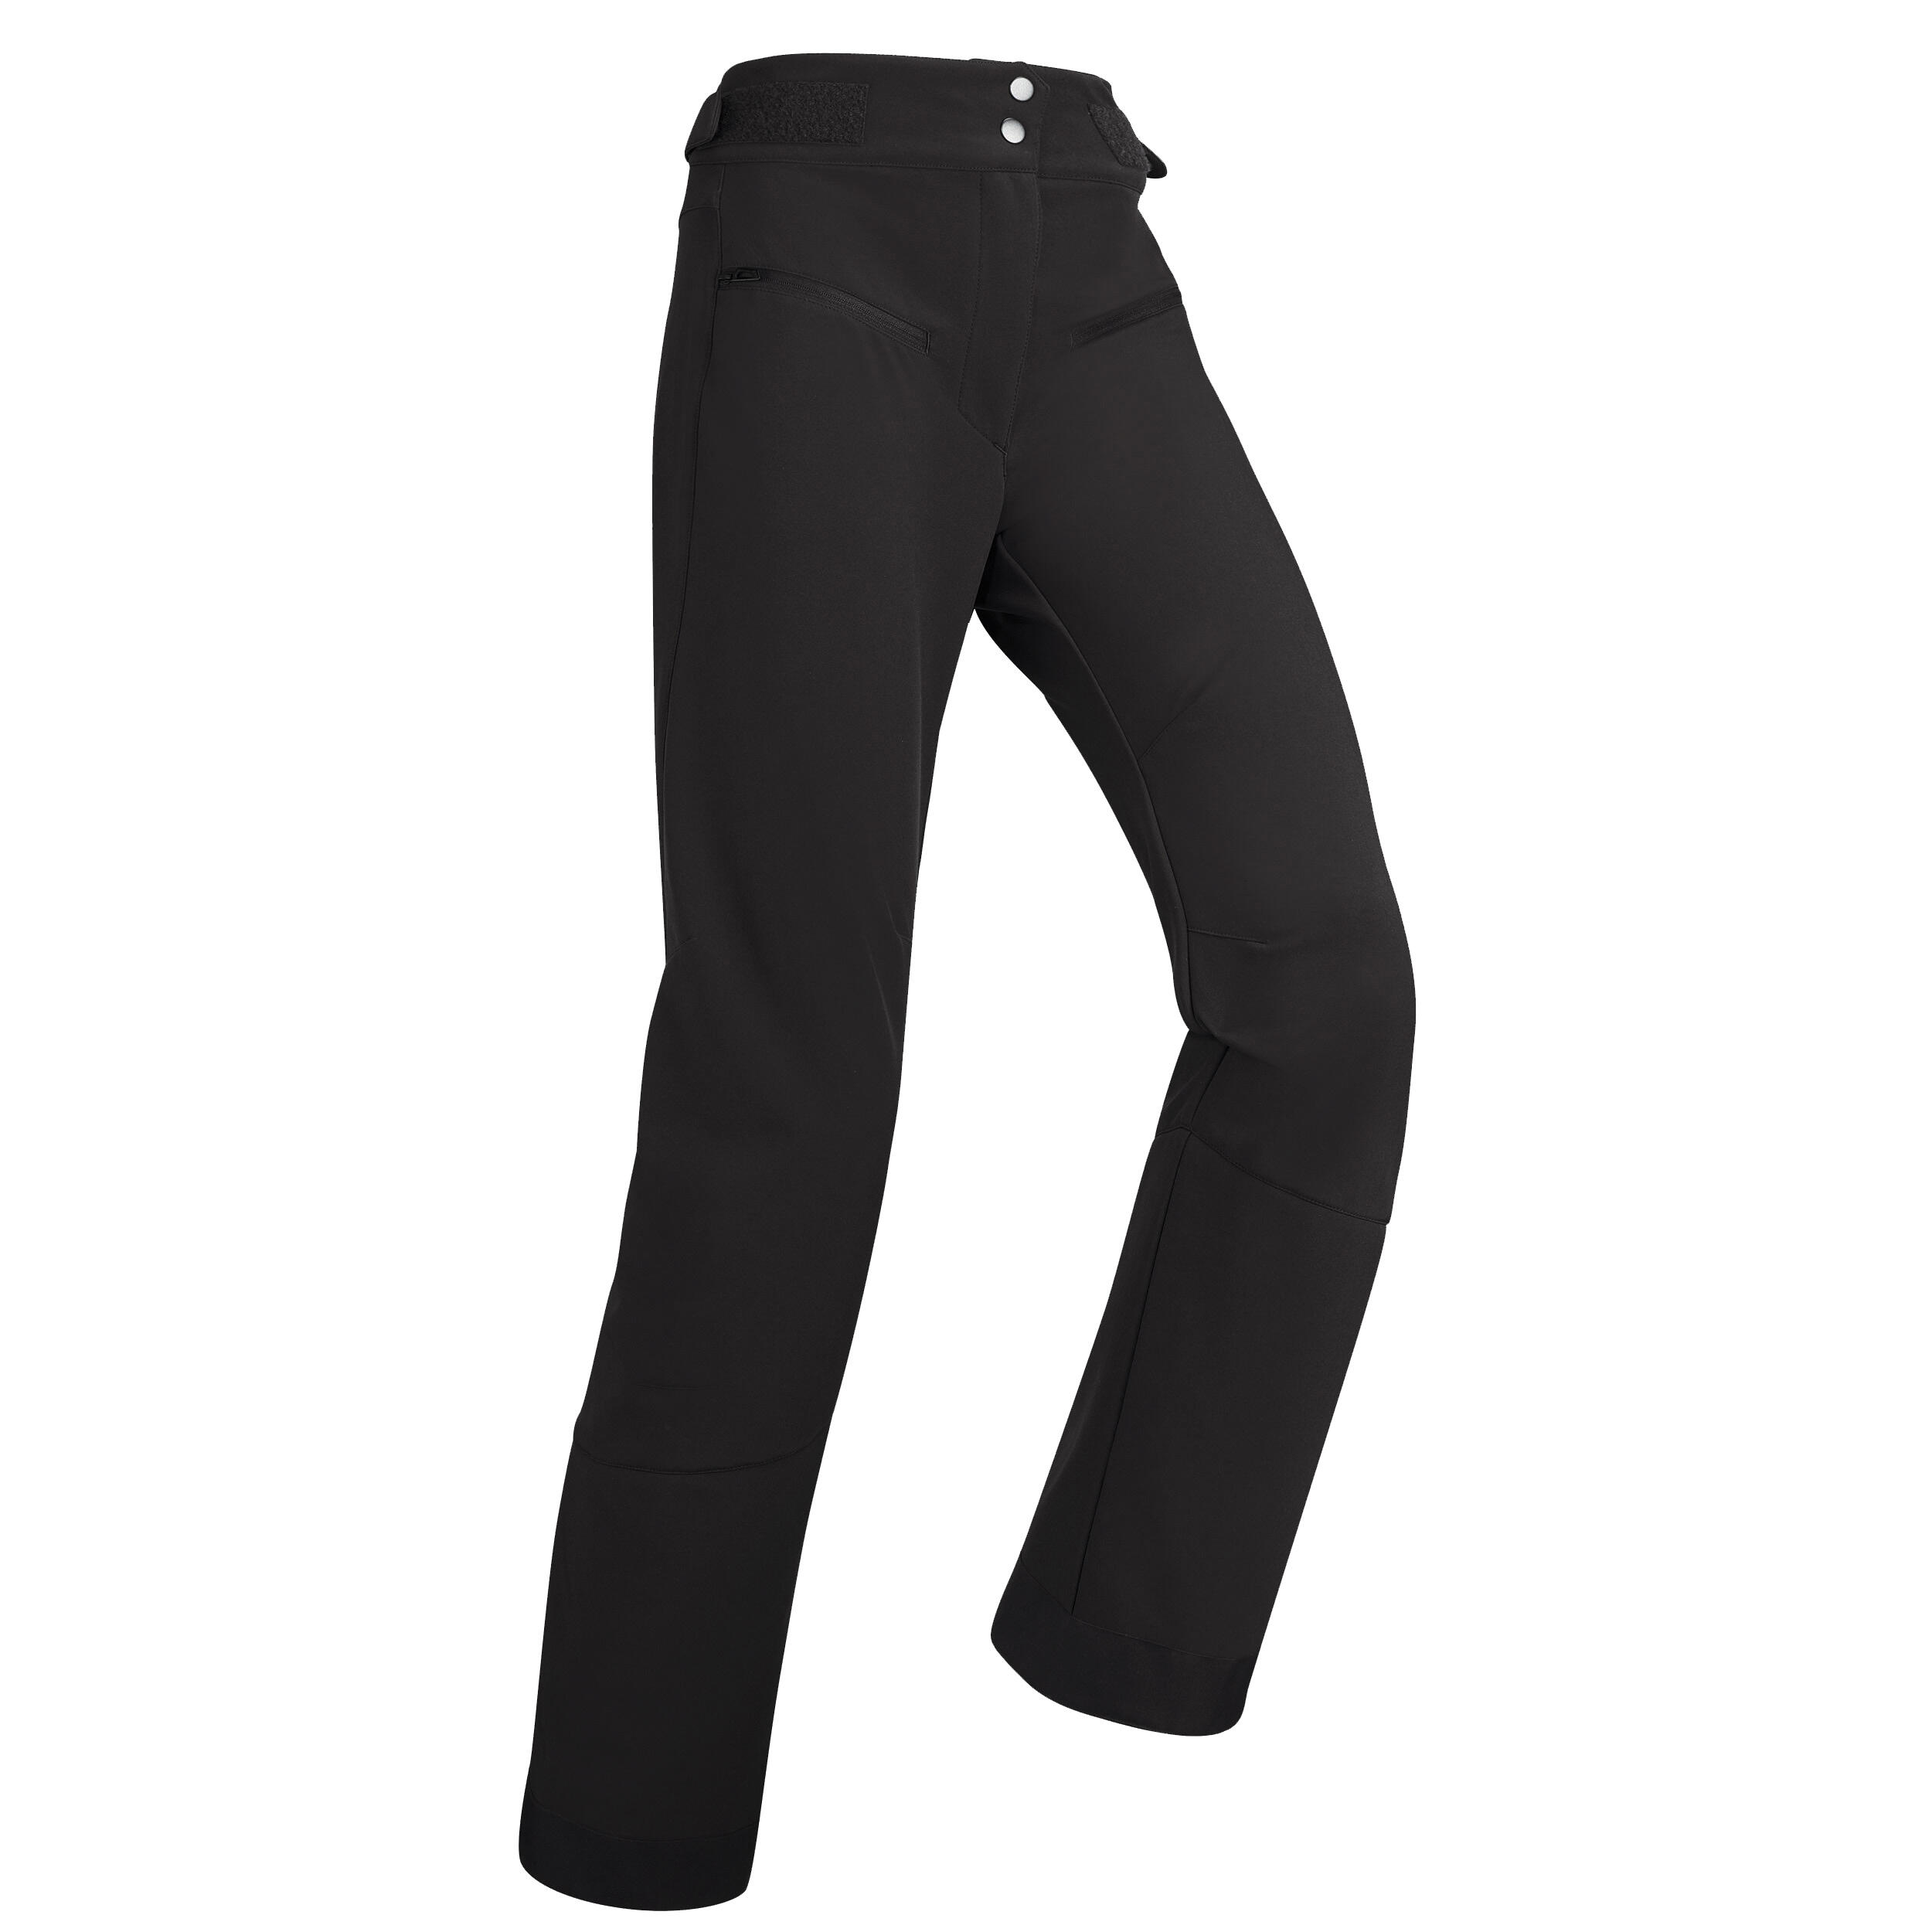 Pantalon Schi 500 Damă imagine